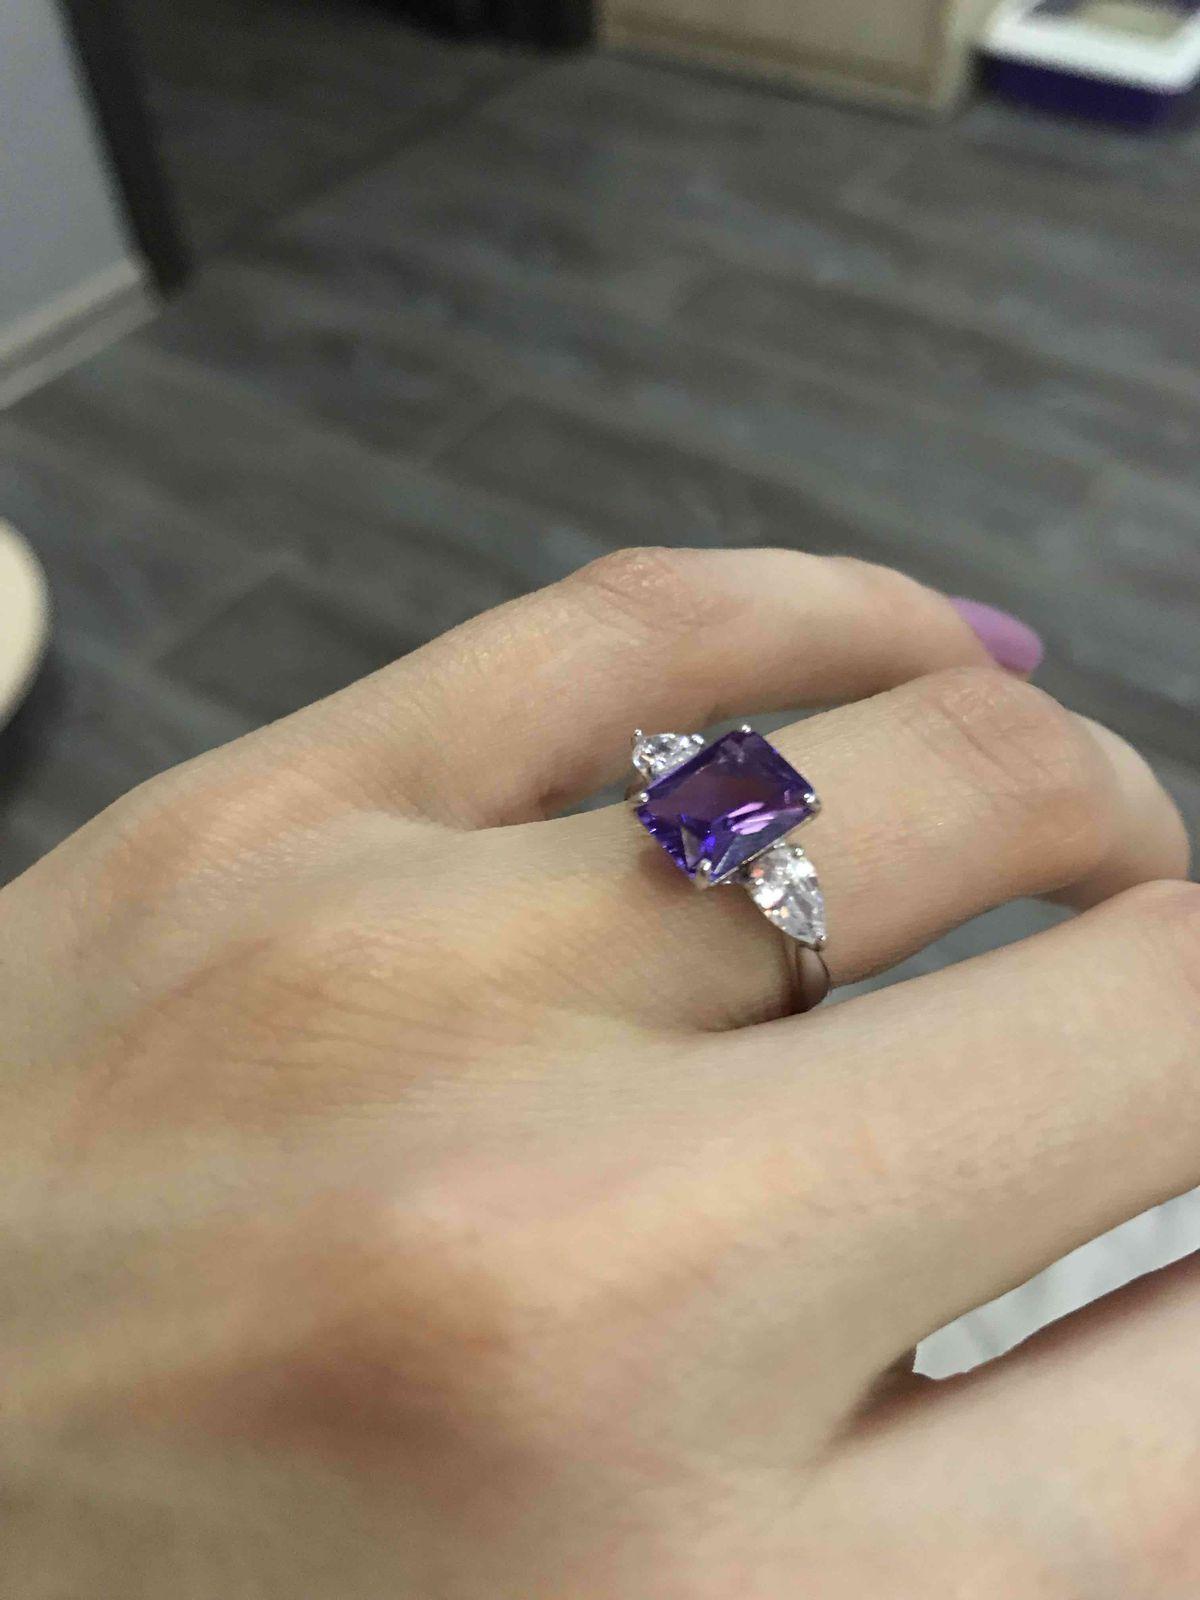 Потрясающее кольцо 💍